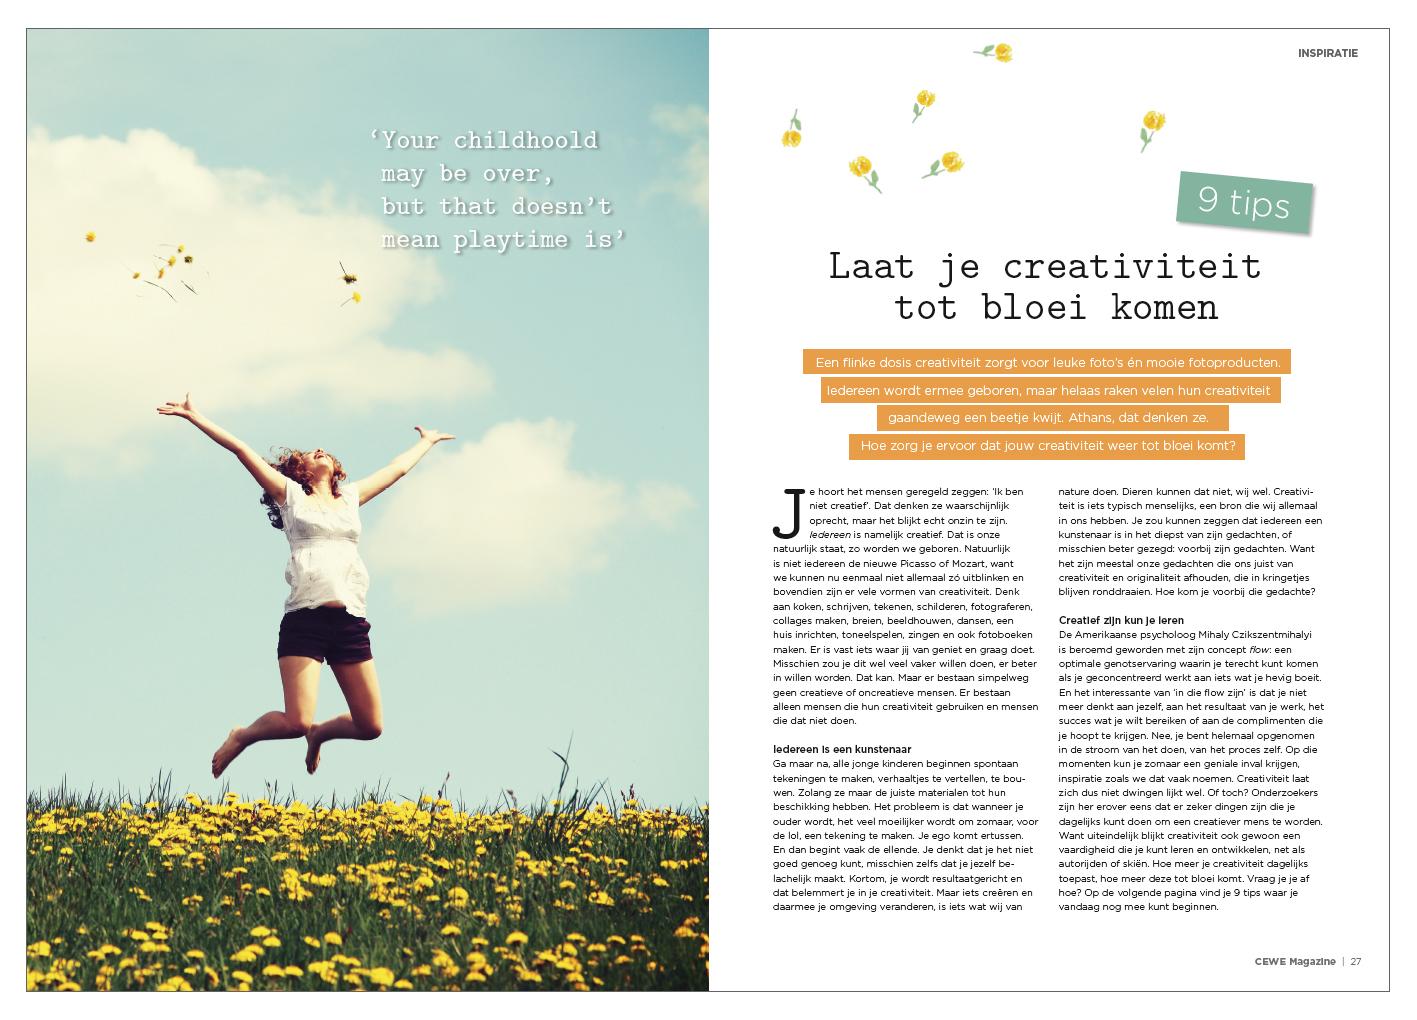 INSPIRATIE Laat je creativiteit tot bloei komen